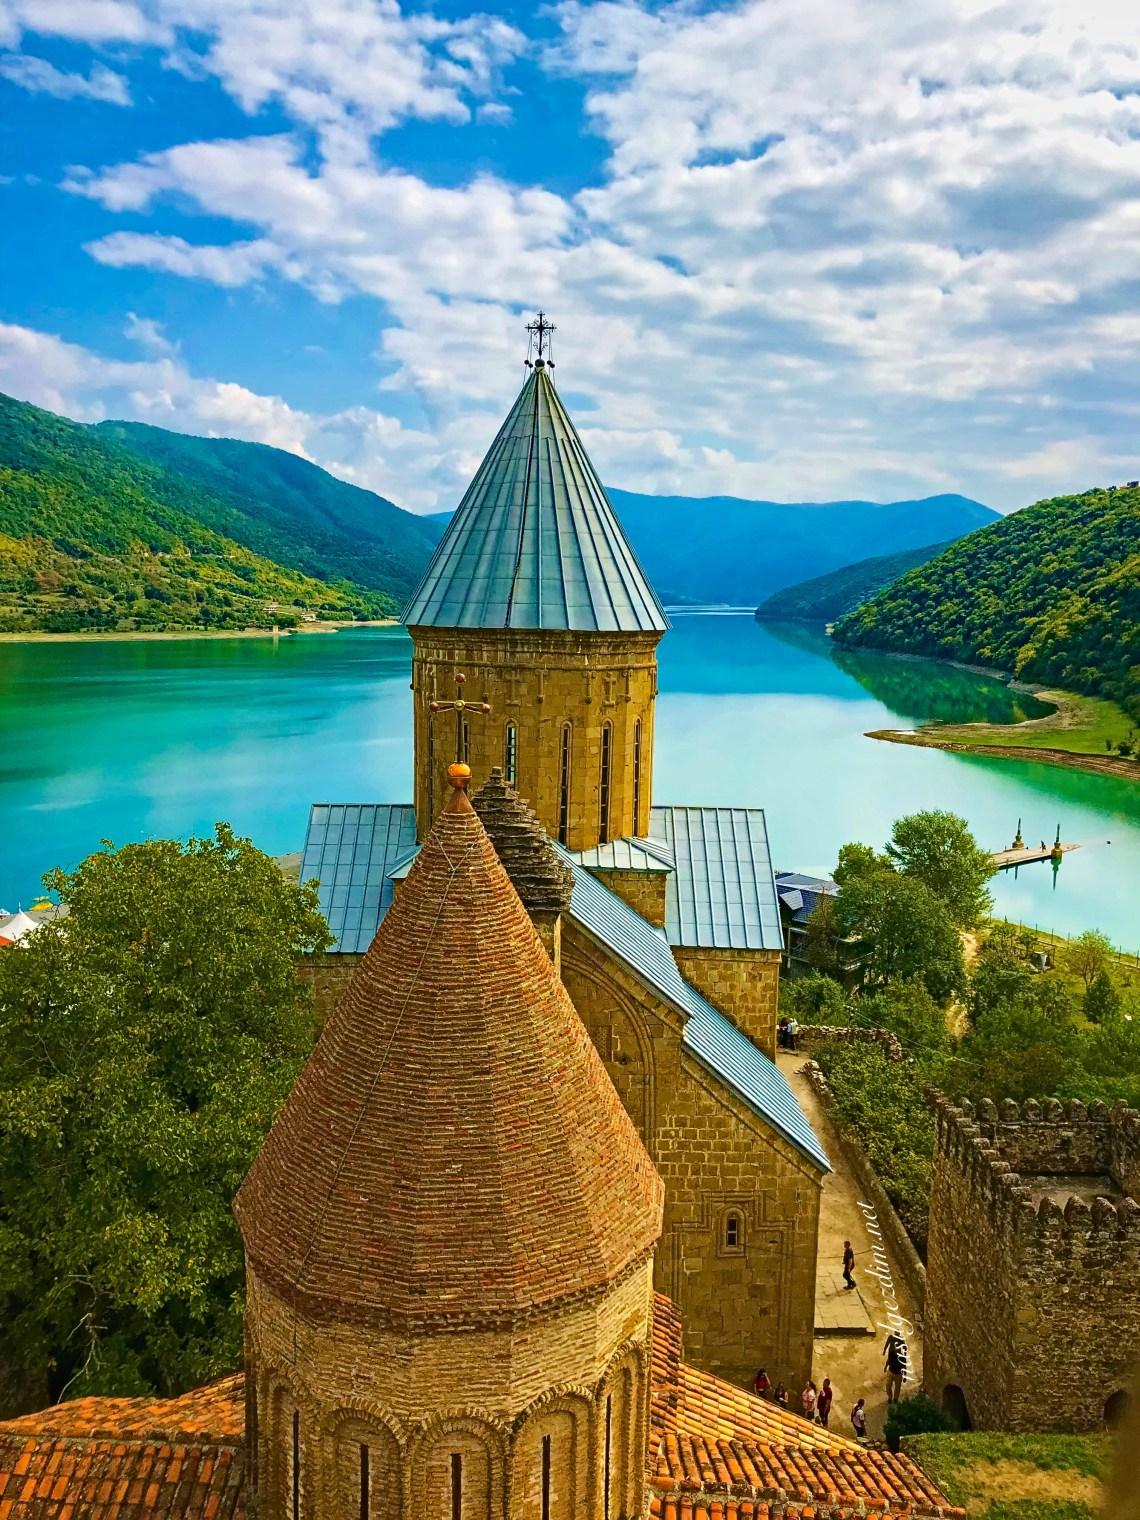 ananuri fortress, ananuri kalesi, tiflis gezi rehberi, tiflis gezilecek yerler, gürcistan gezilecek yerler, ananuri kalesi nerede